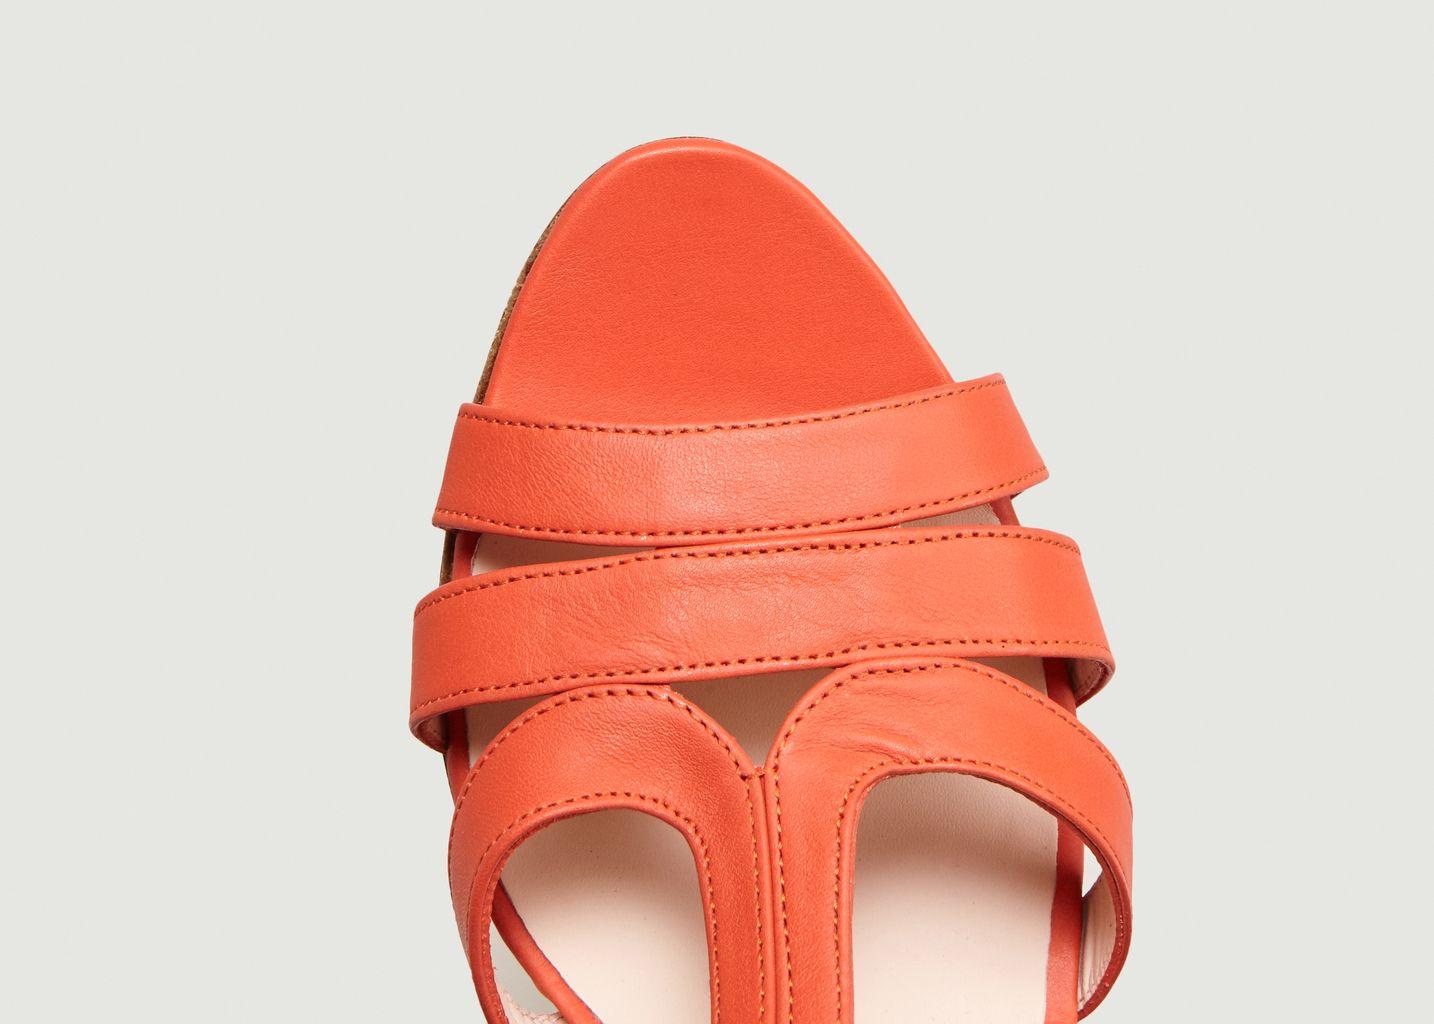 Sandales Bikini - Repetto